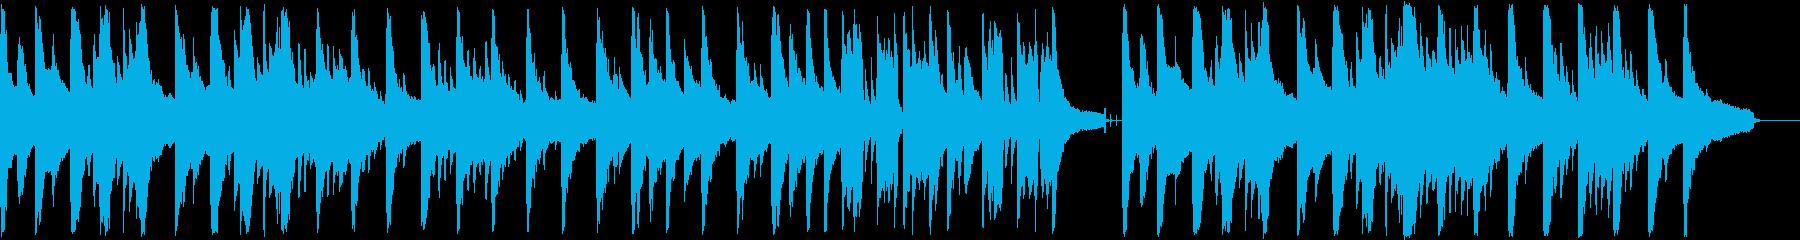 ゆったりリラックスできるピアノジャズの再生済みの波形